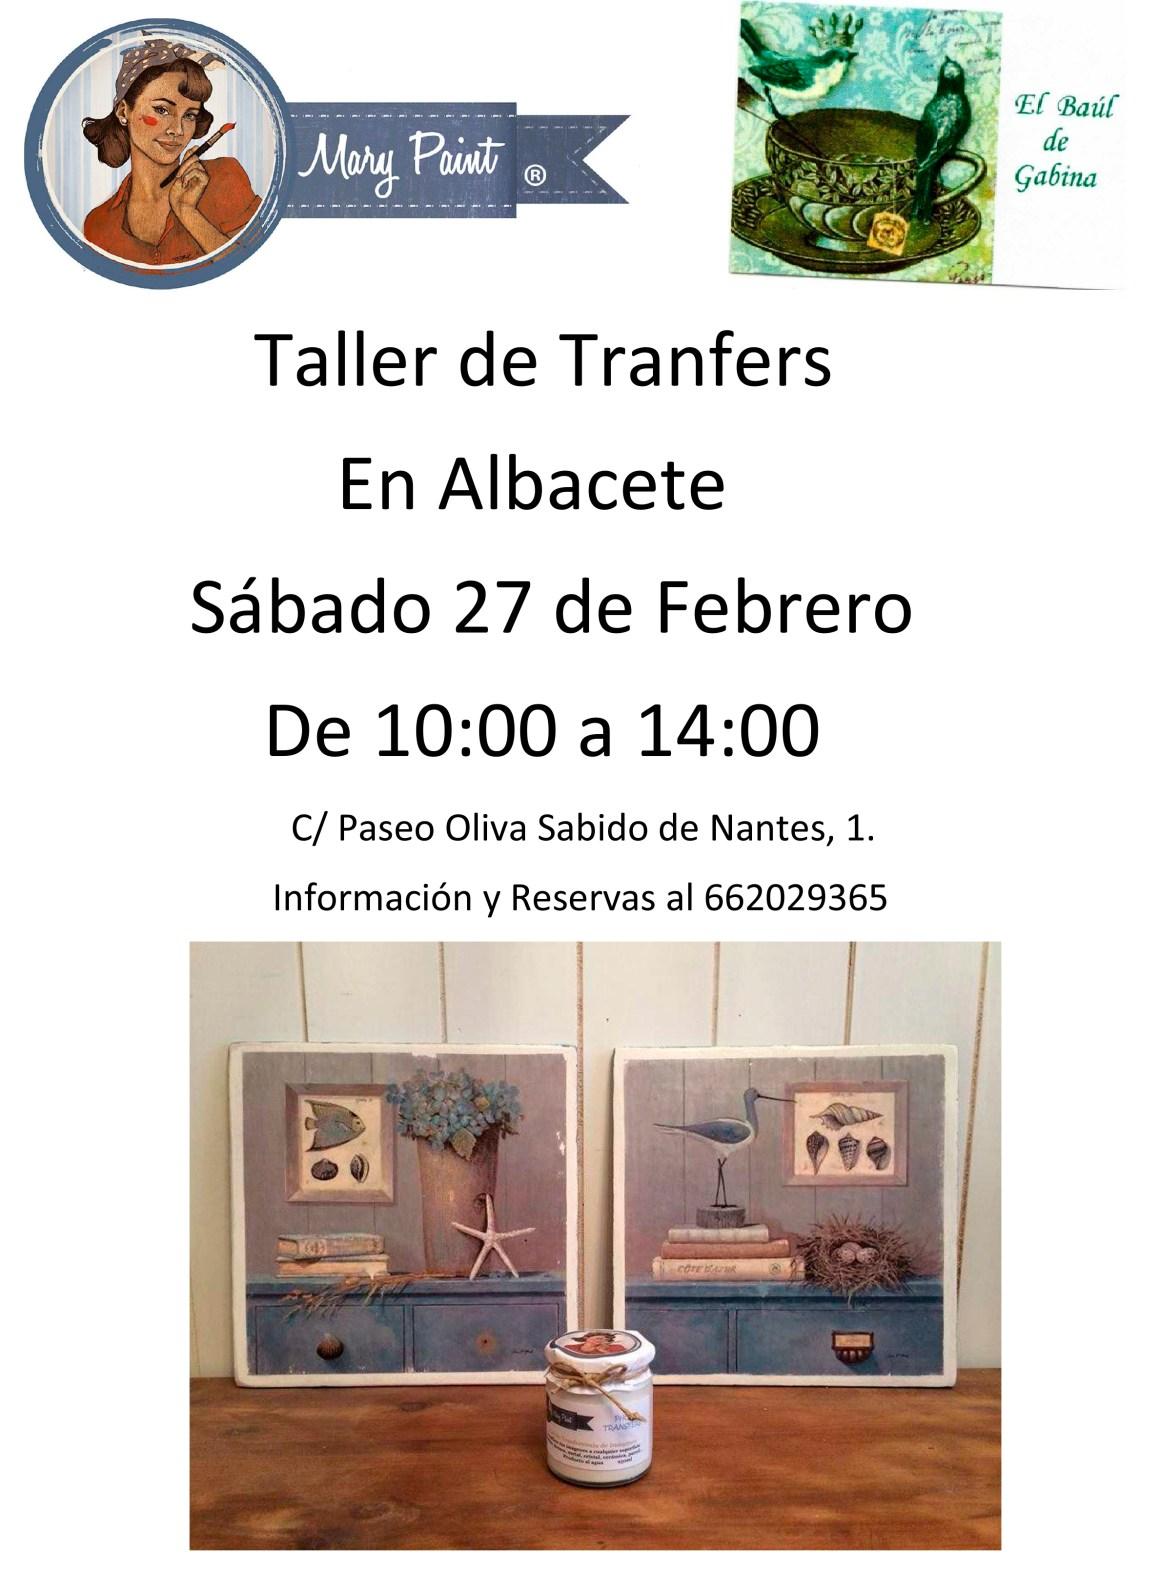 Taller de transfers en albacete el taller de lo antiguo - El taller de lo antiguo ...